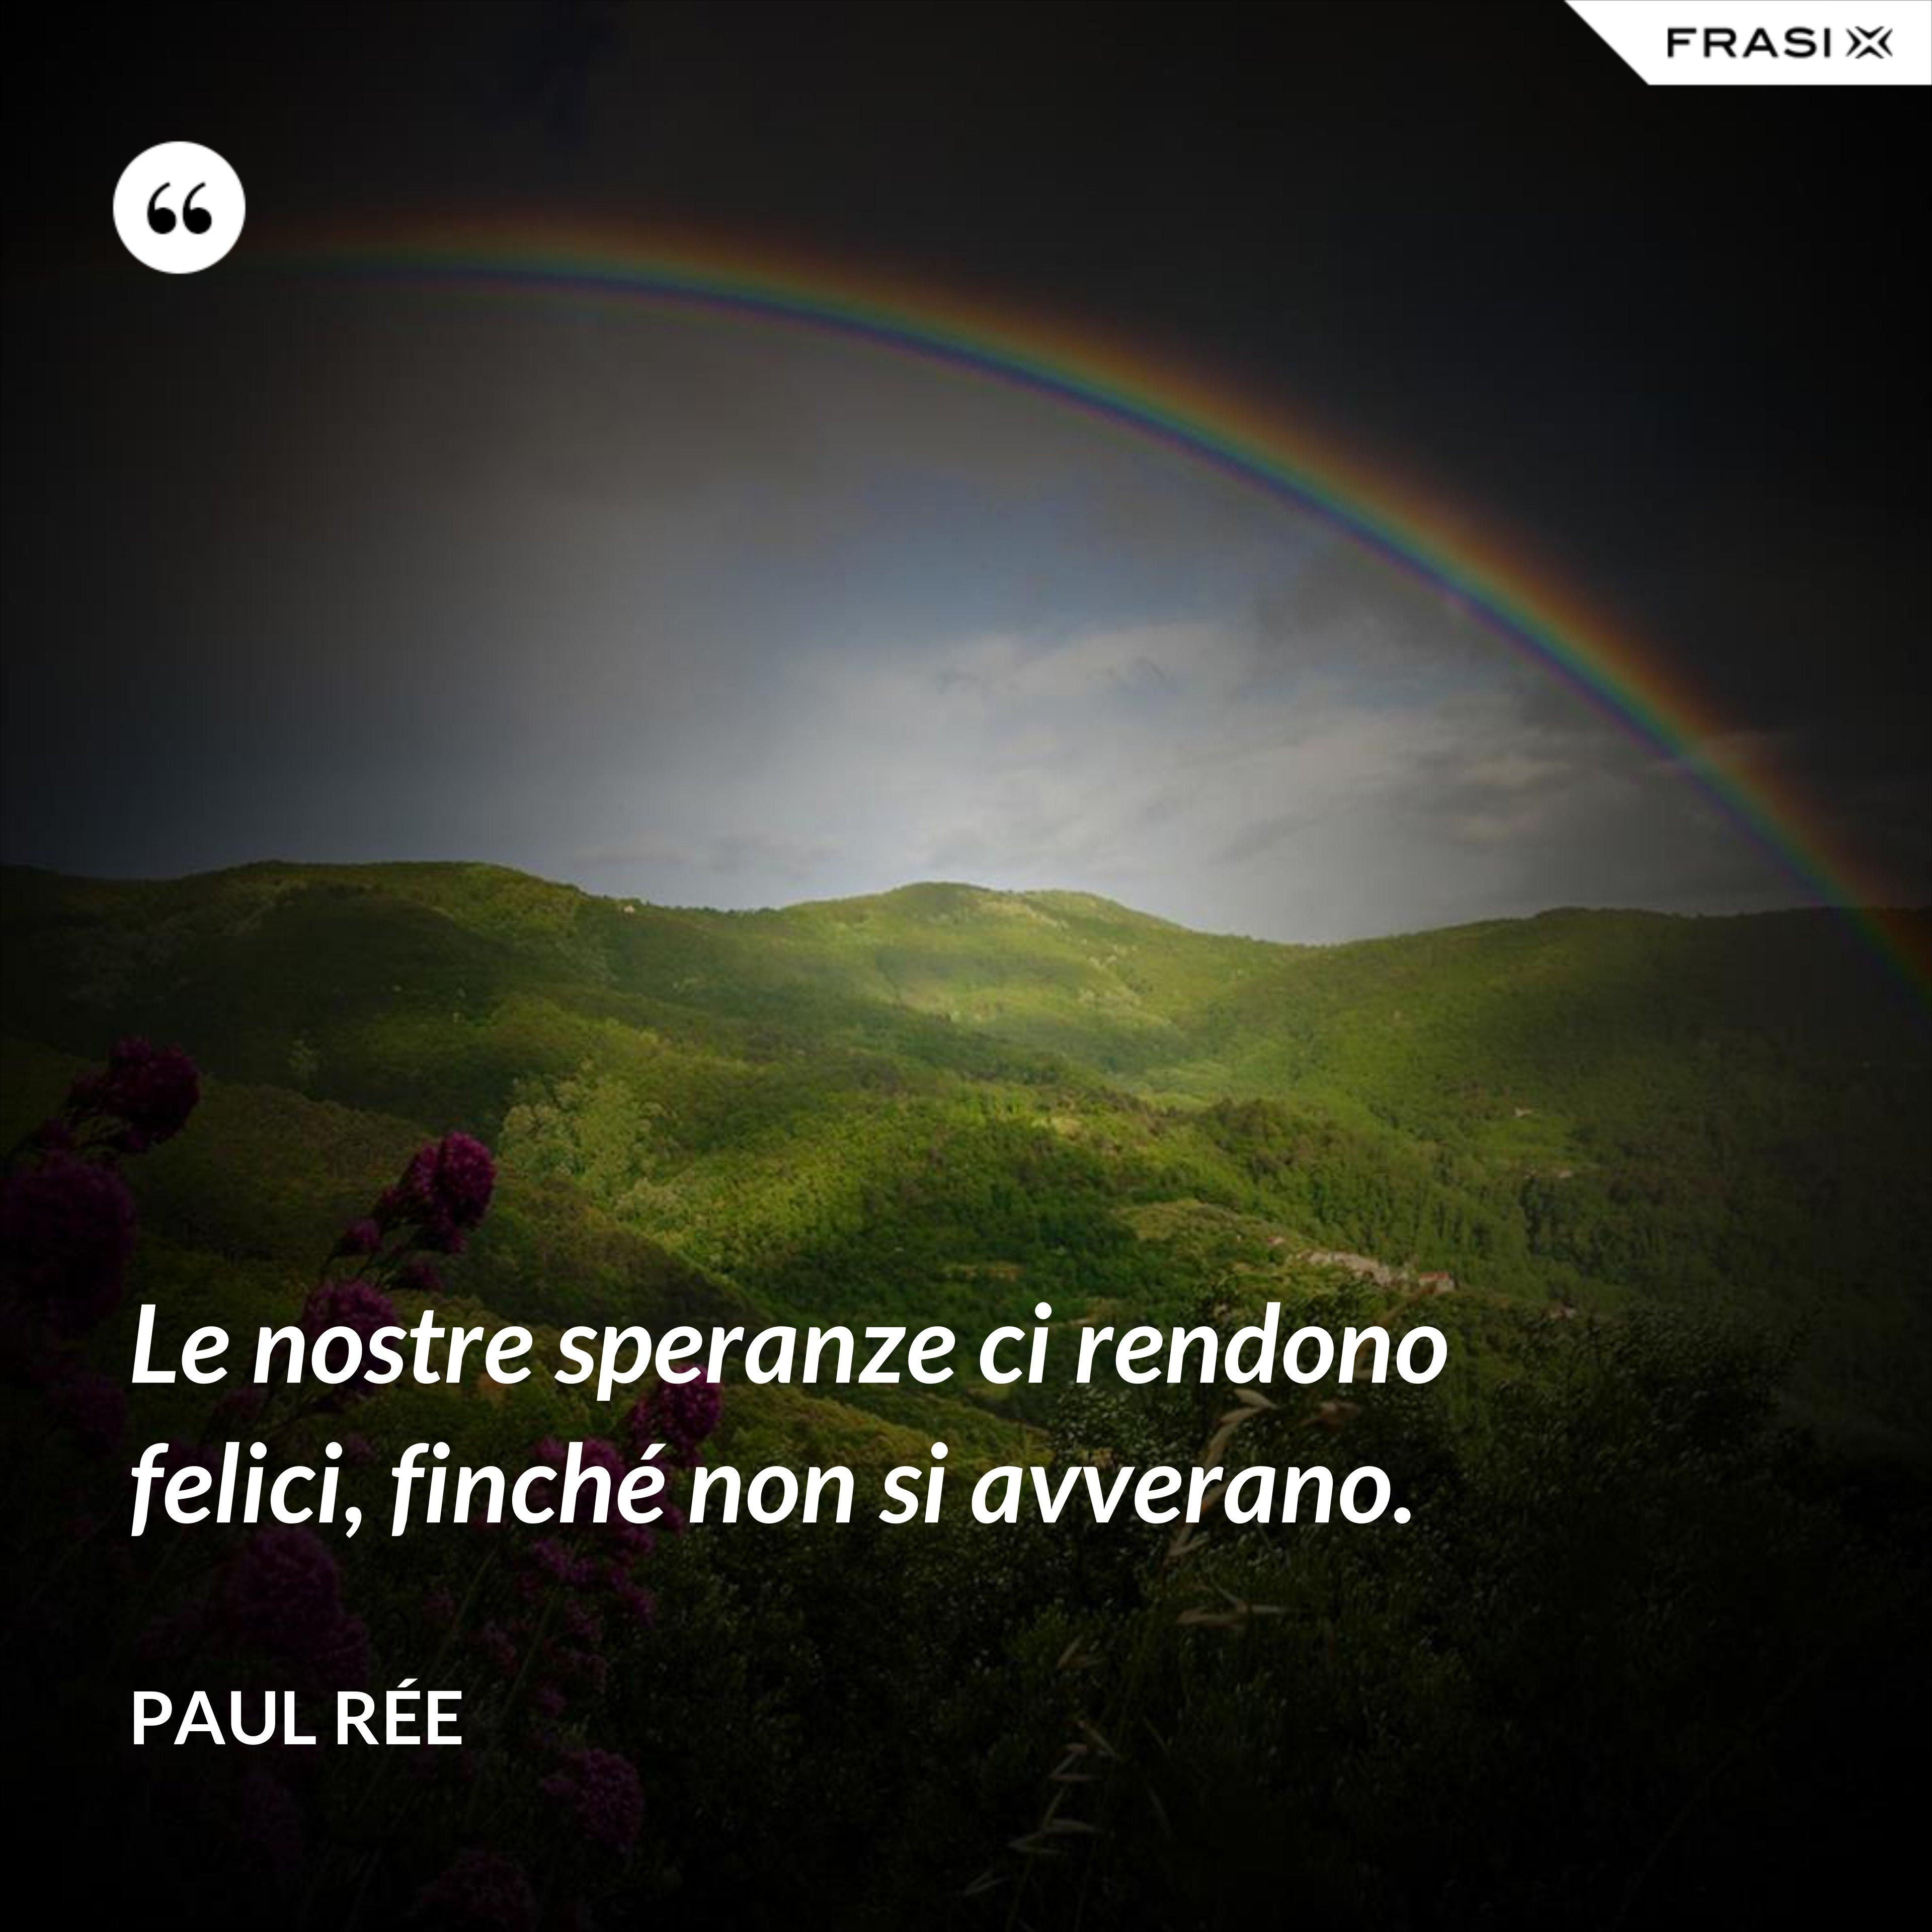 Le nostre speranze ci rendono felici, finché non si avverano. - Paul Rée